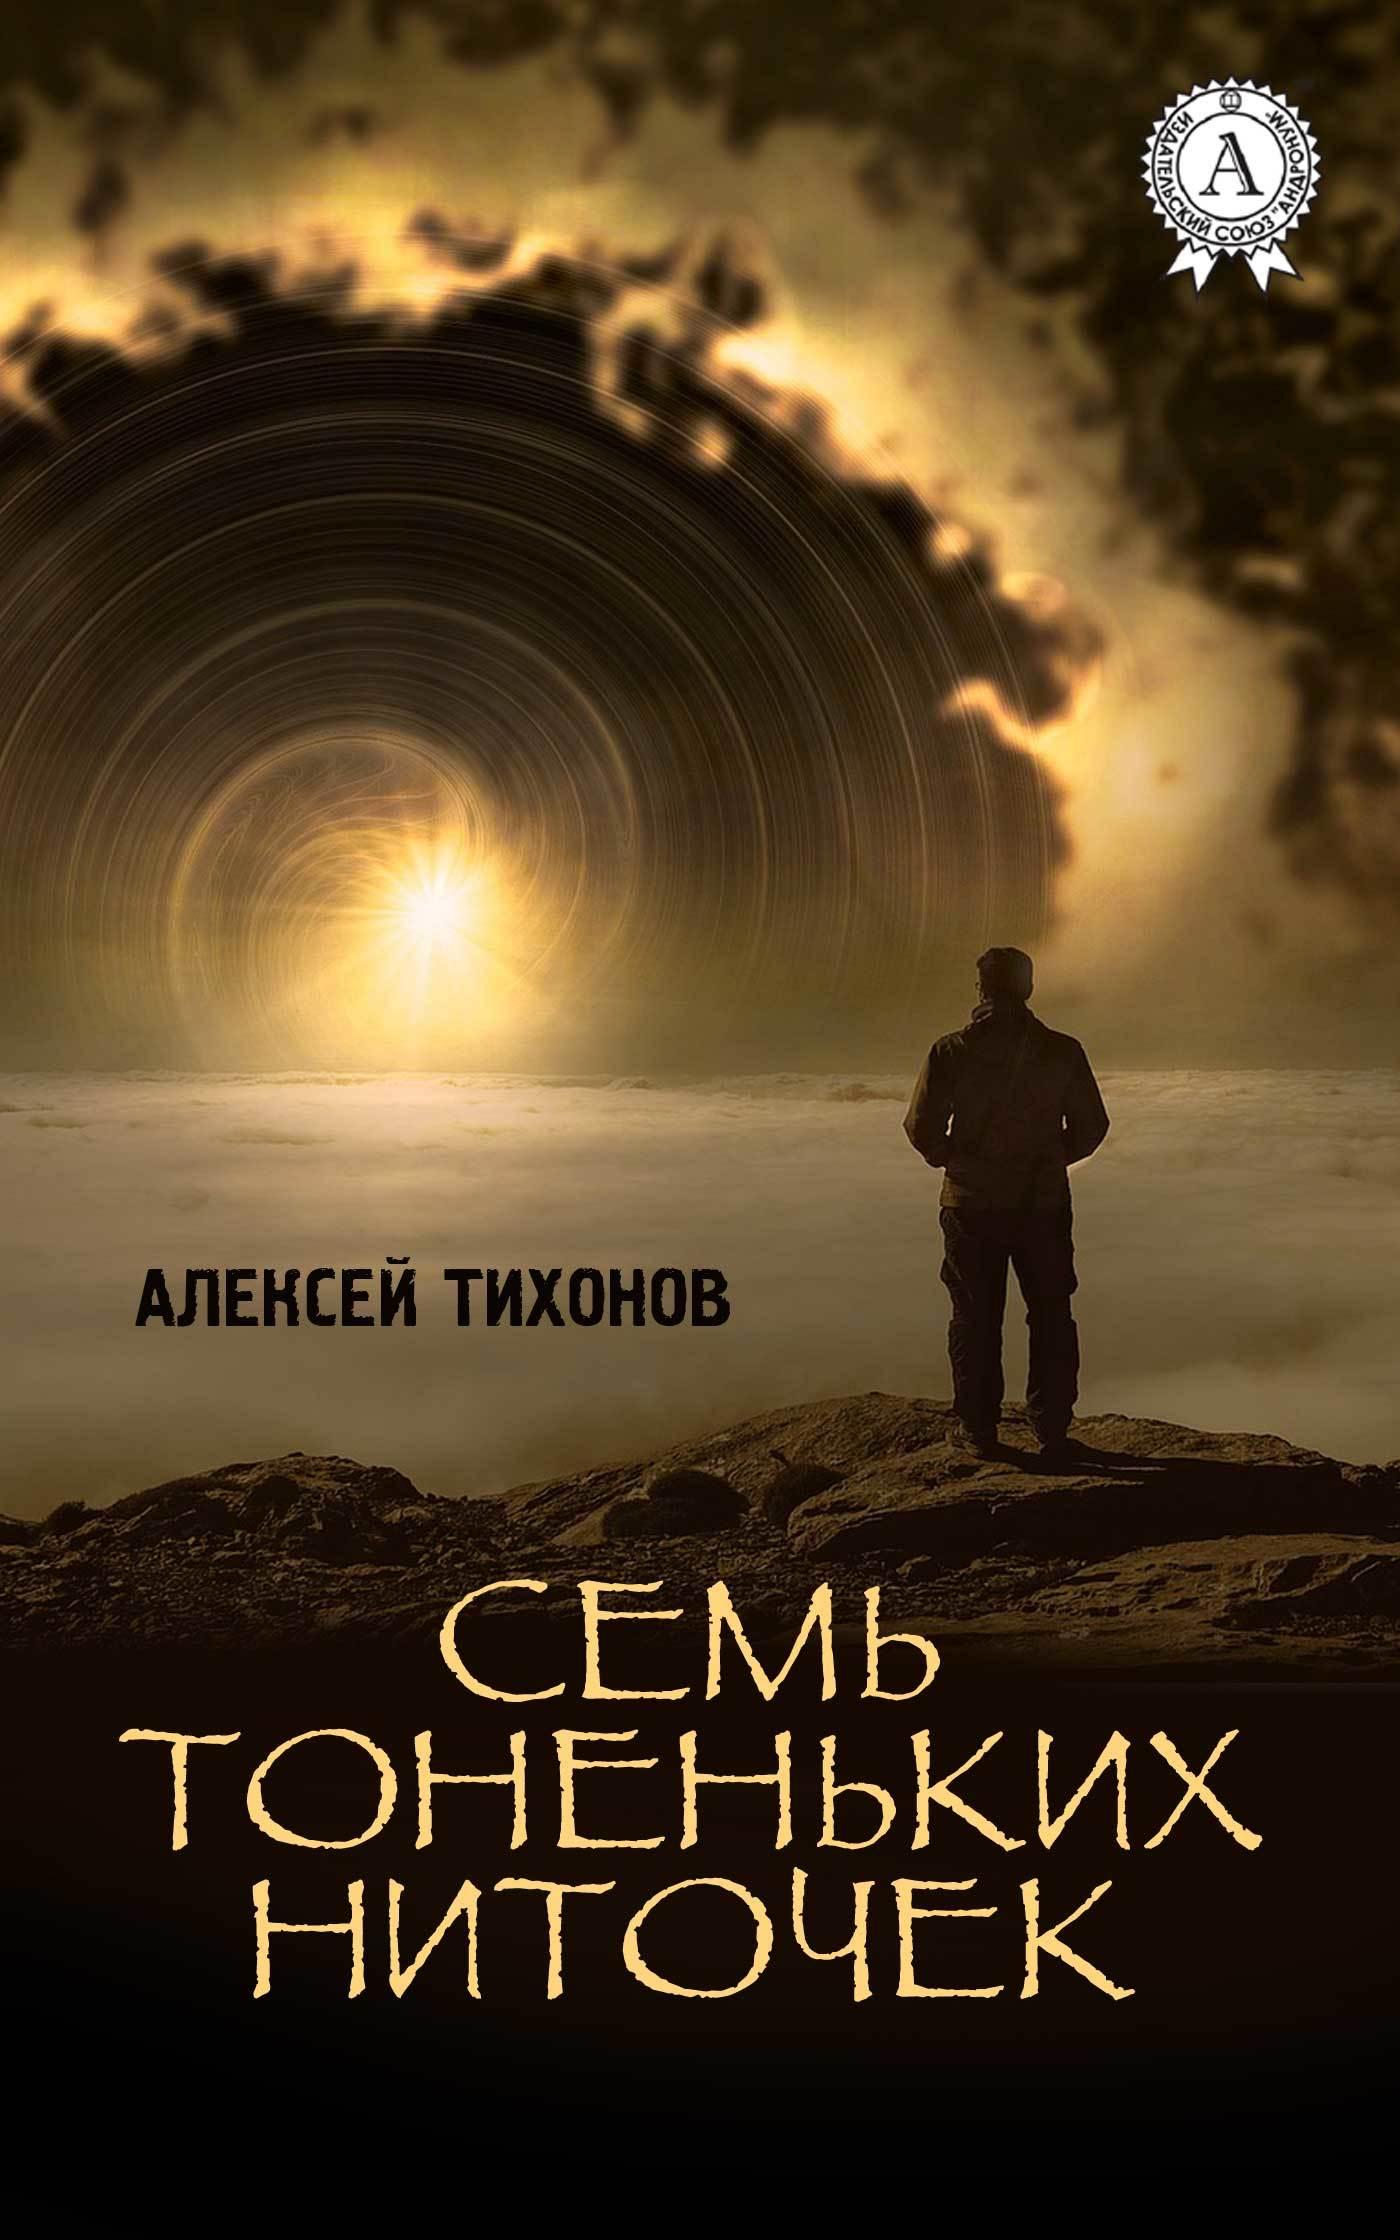 Алексей Тихонов. Семь тоненьких ниточек